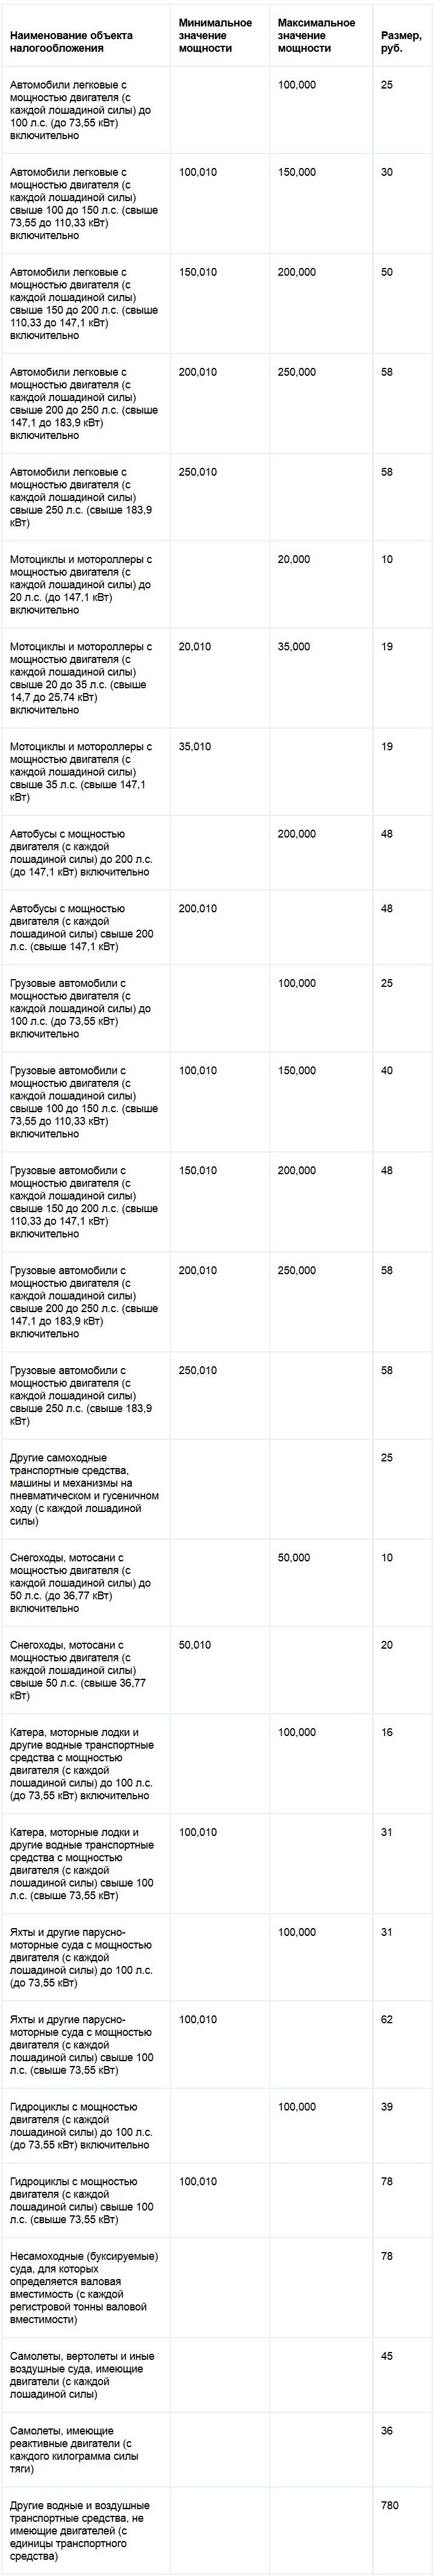 Ставки транспортного налога Пермского края